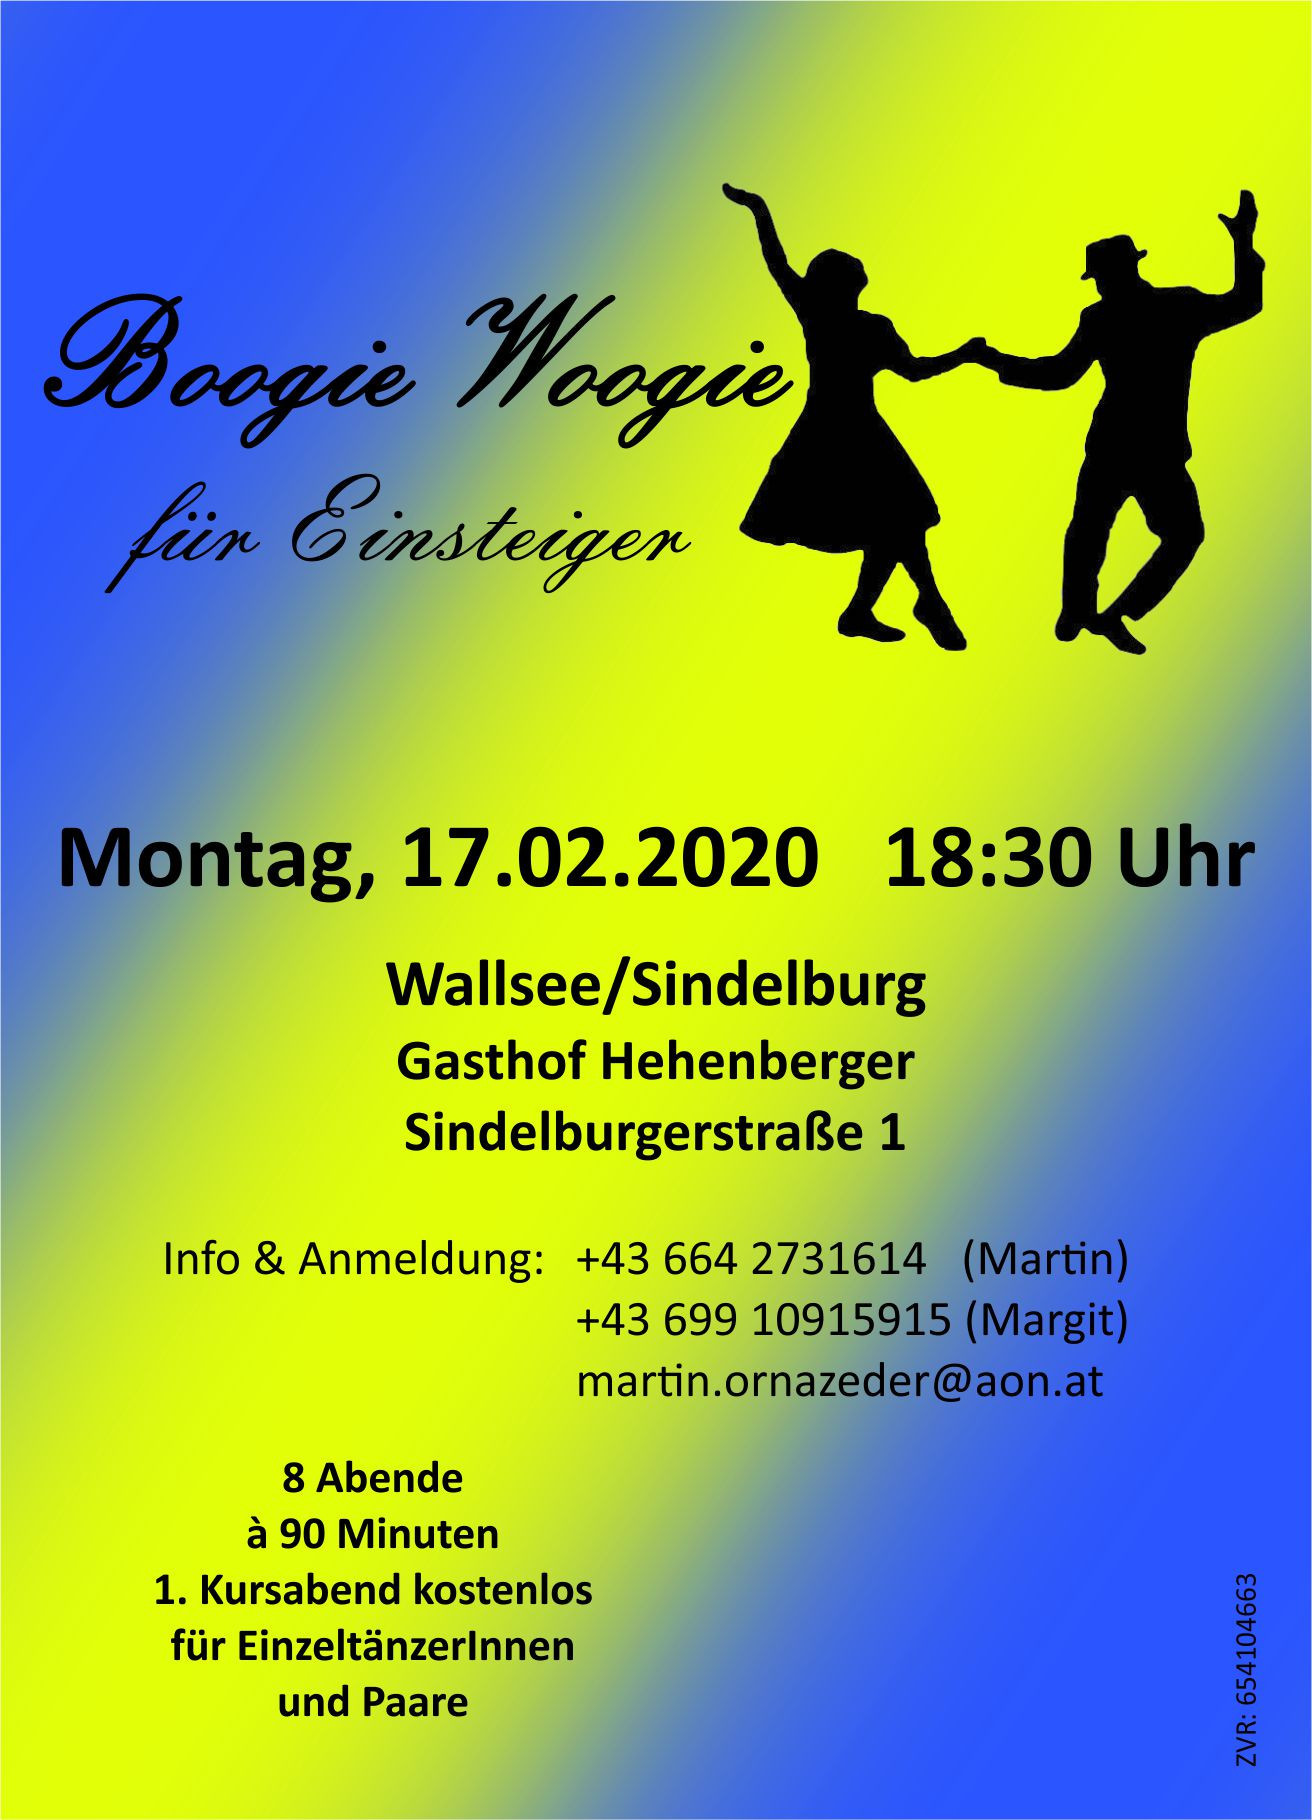 Dating aus liebenfels, Krems an der donau bekanntschaft